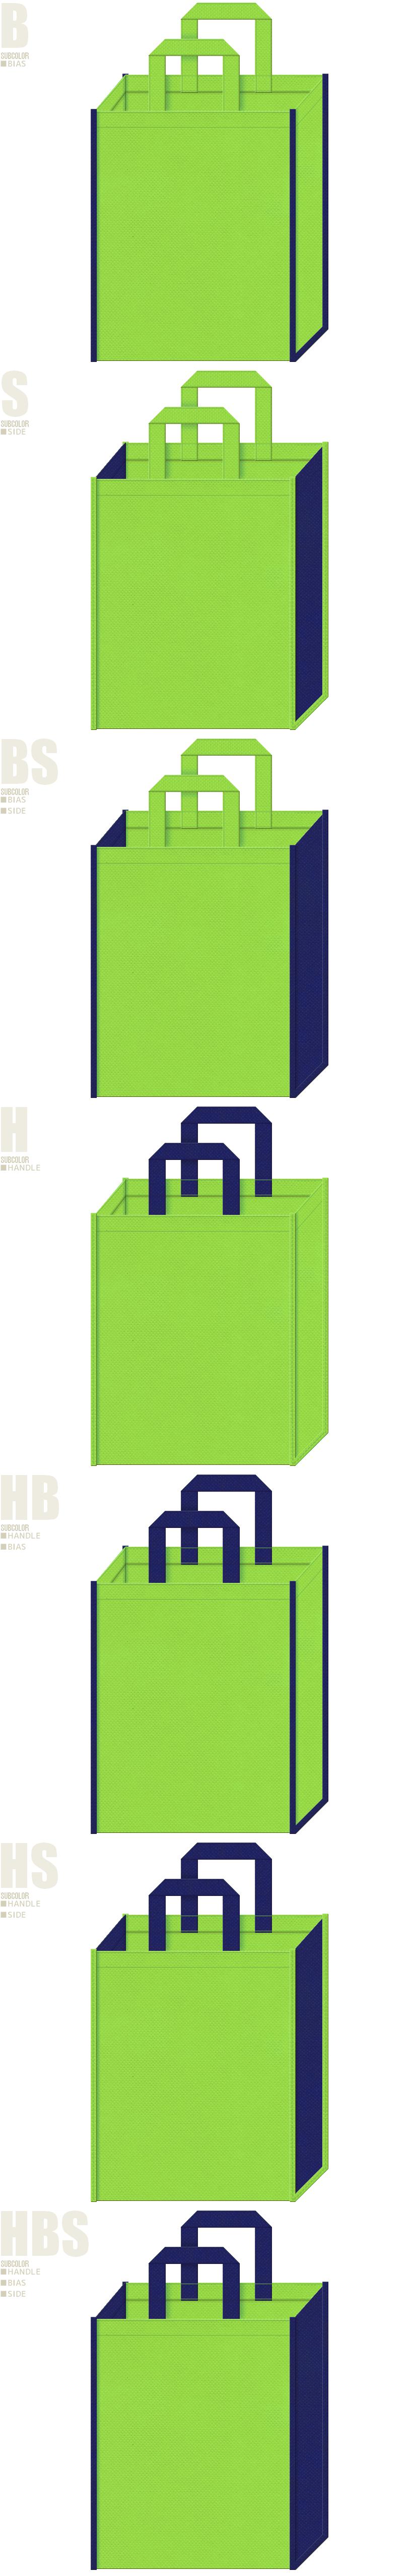 ユニフォーム・運動靴・アウトドア・スポーツイベント・スポーティーファッション・スポーツ用品の展示会用バッグにお奨めの不織布バッグデザイン:黄緑色と明るい紺色の配色7パターン